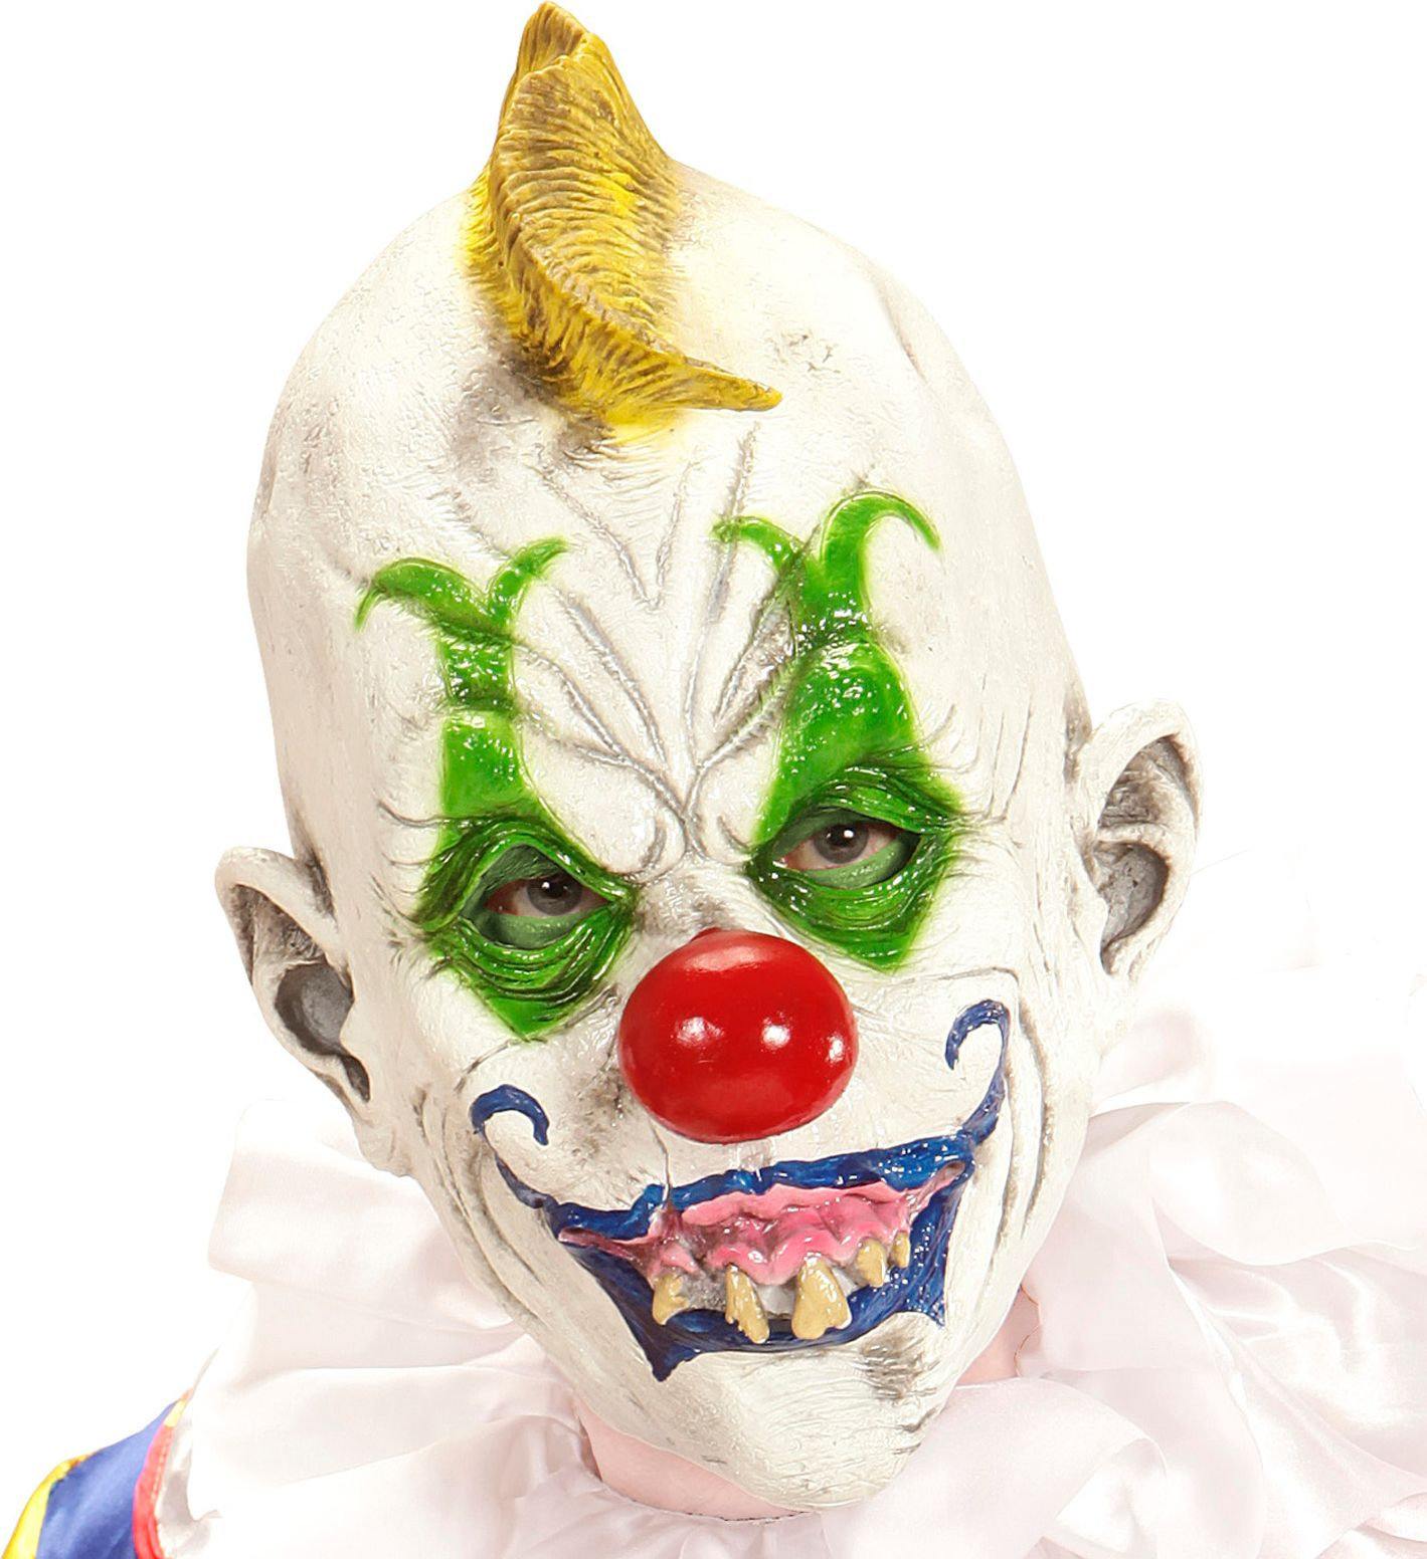 Enge gestoorde killer clown masker